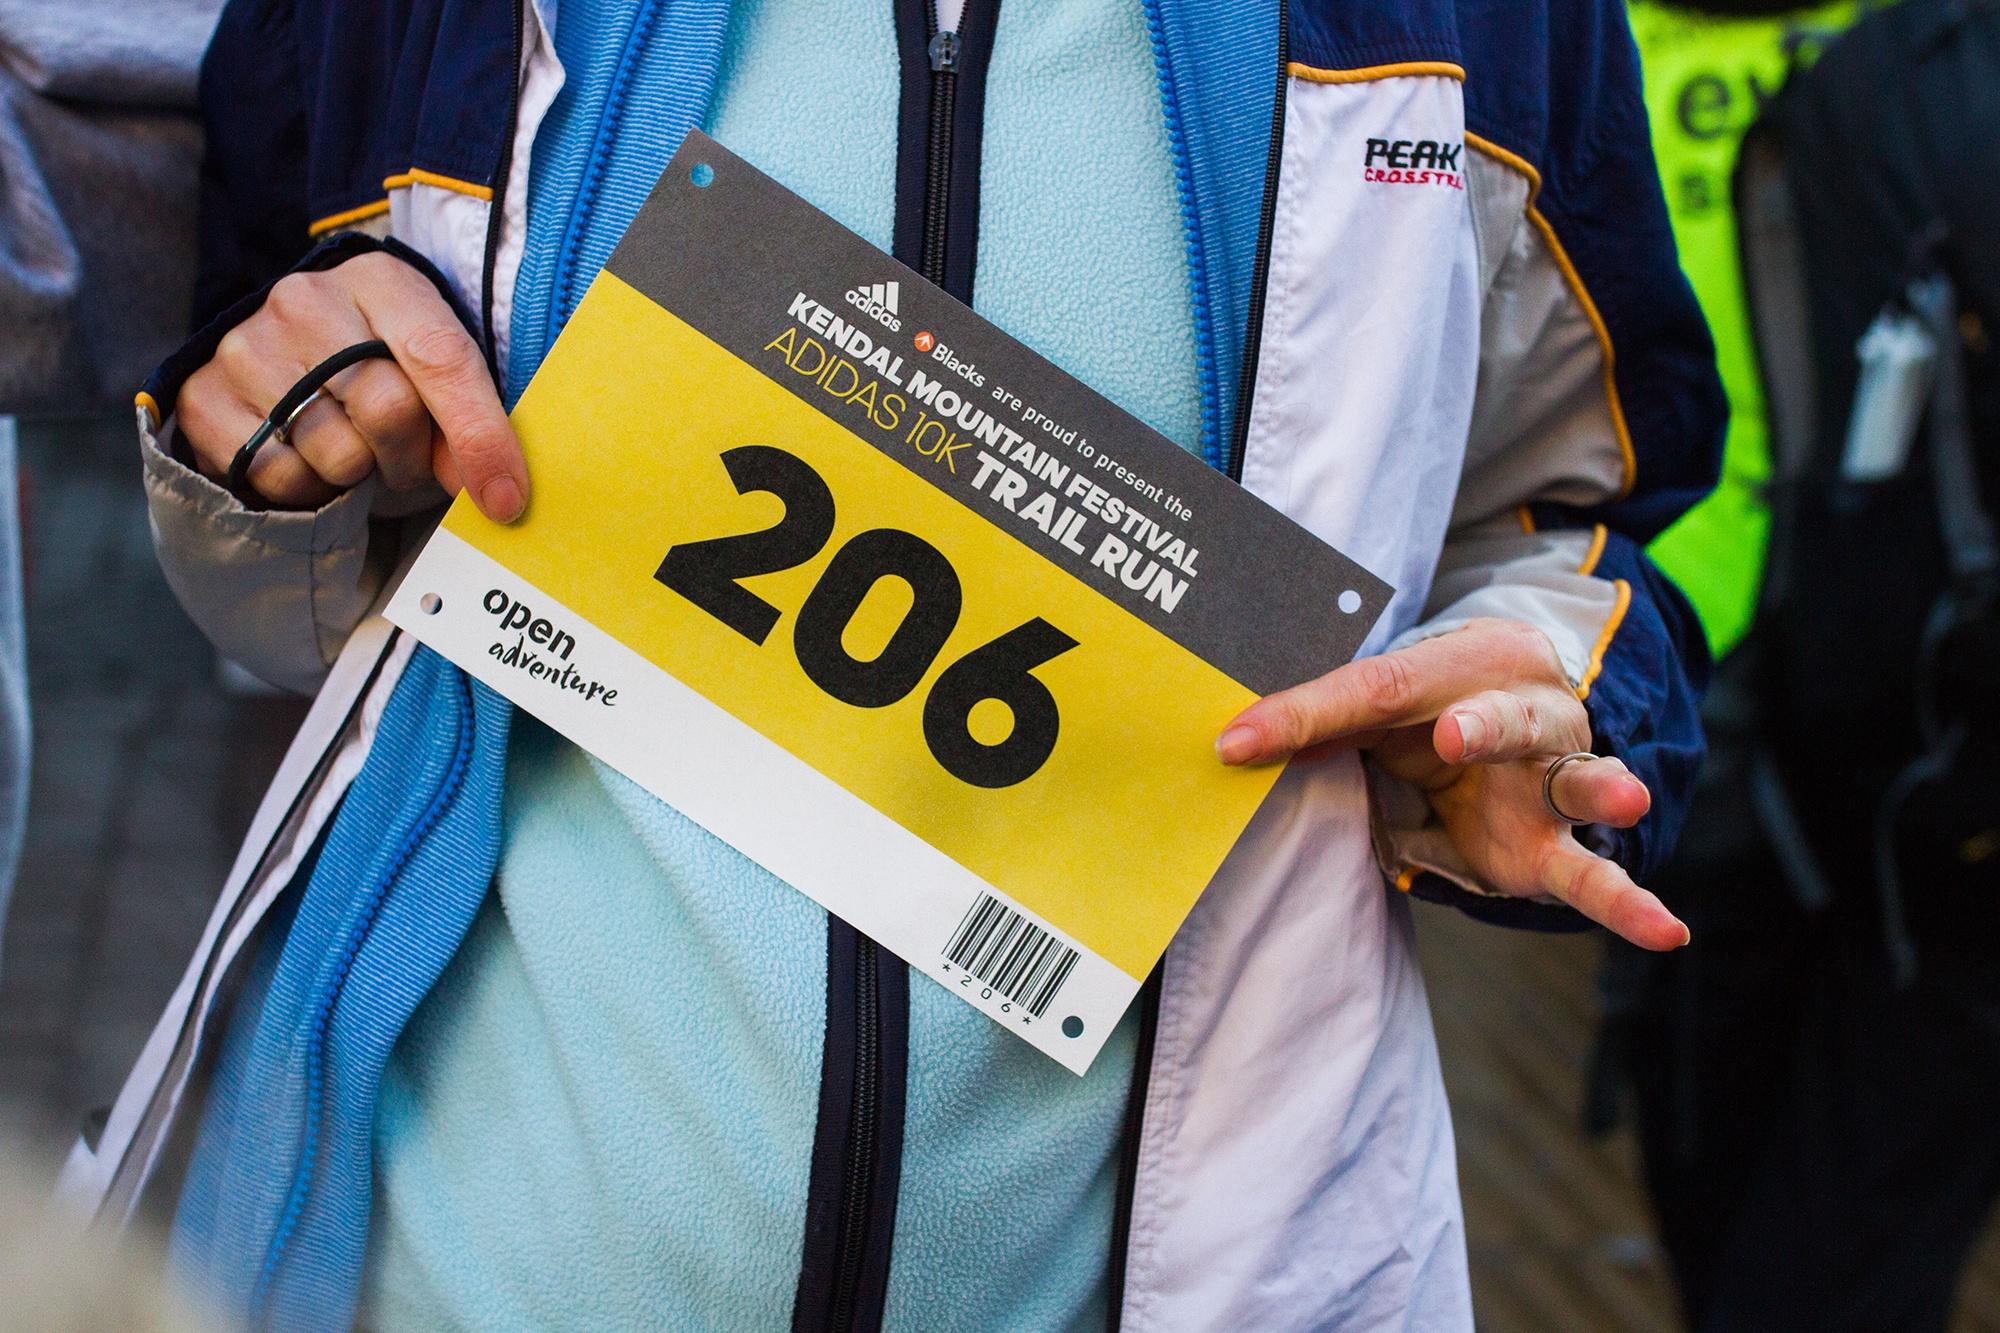 Adidas 10K trail run at Kendal Mountain Festival